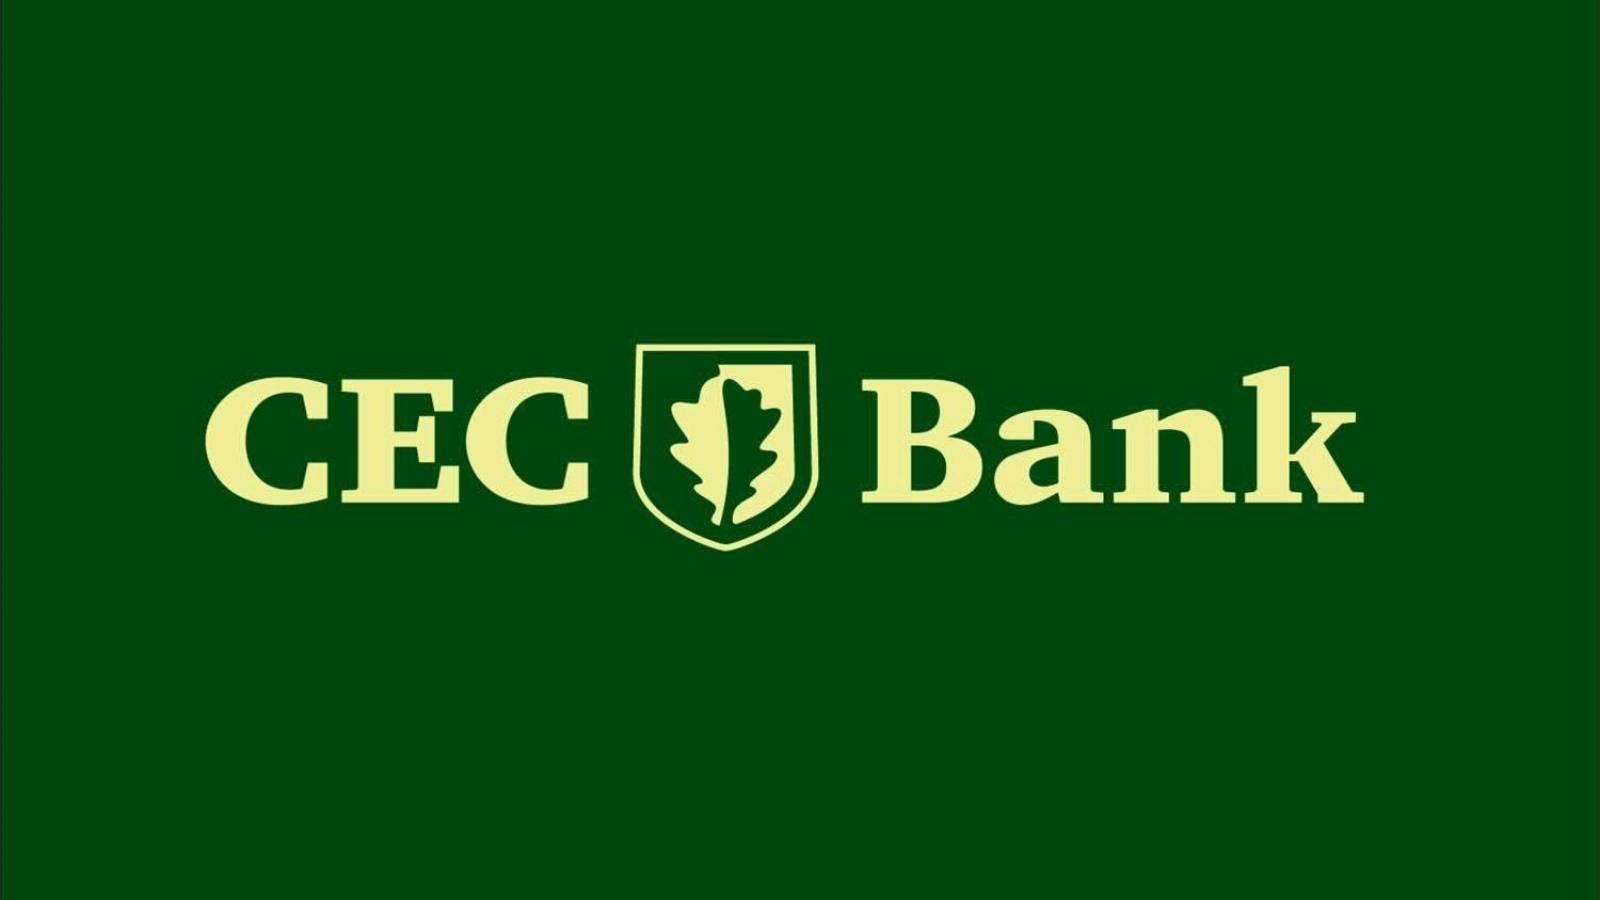 Decizia CEC Bank obligatie